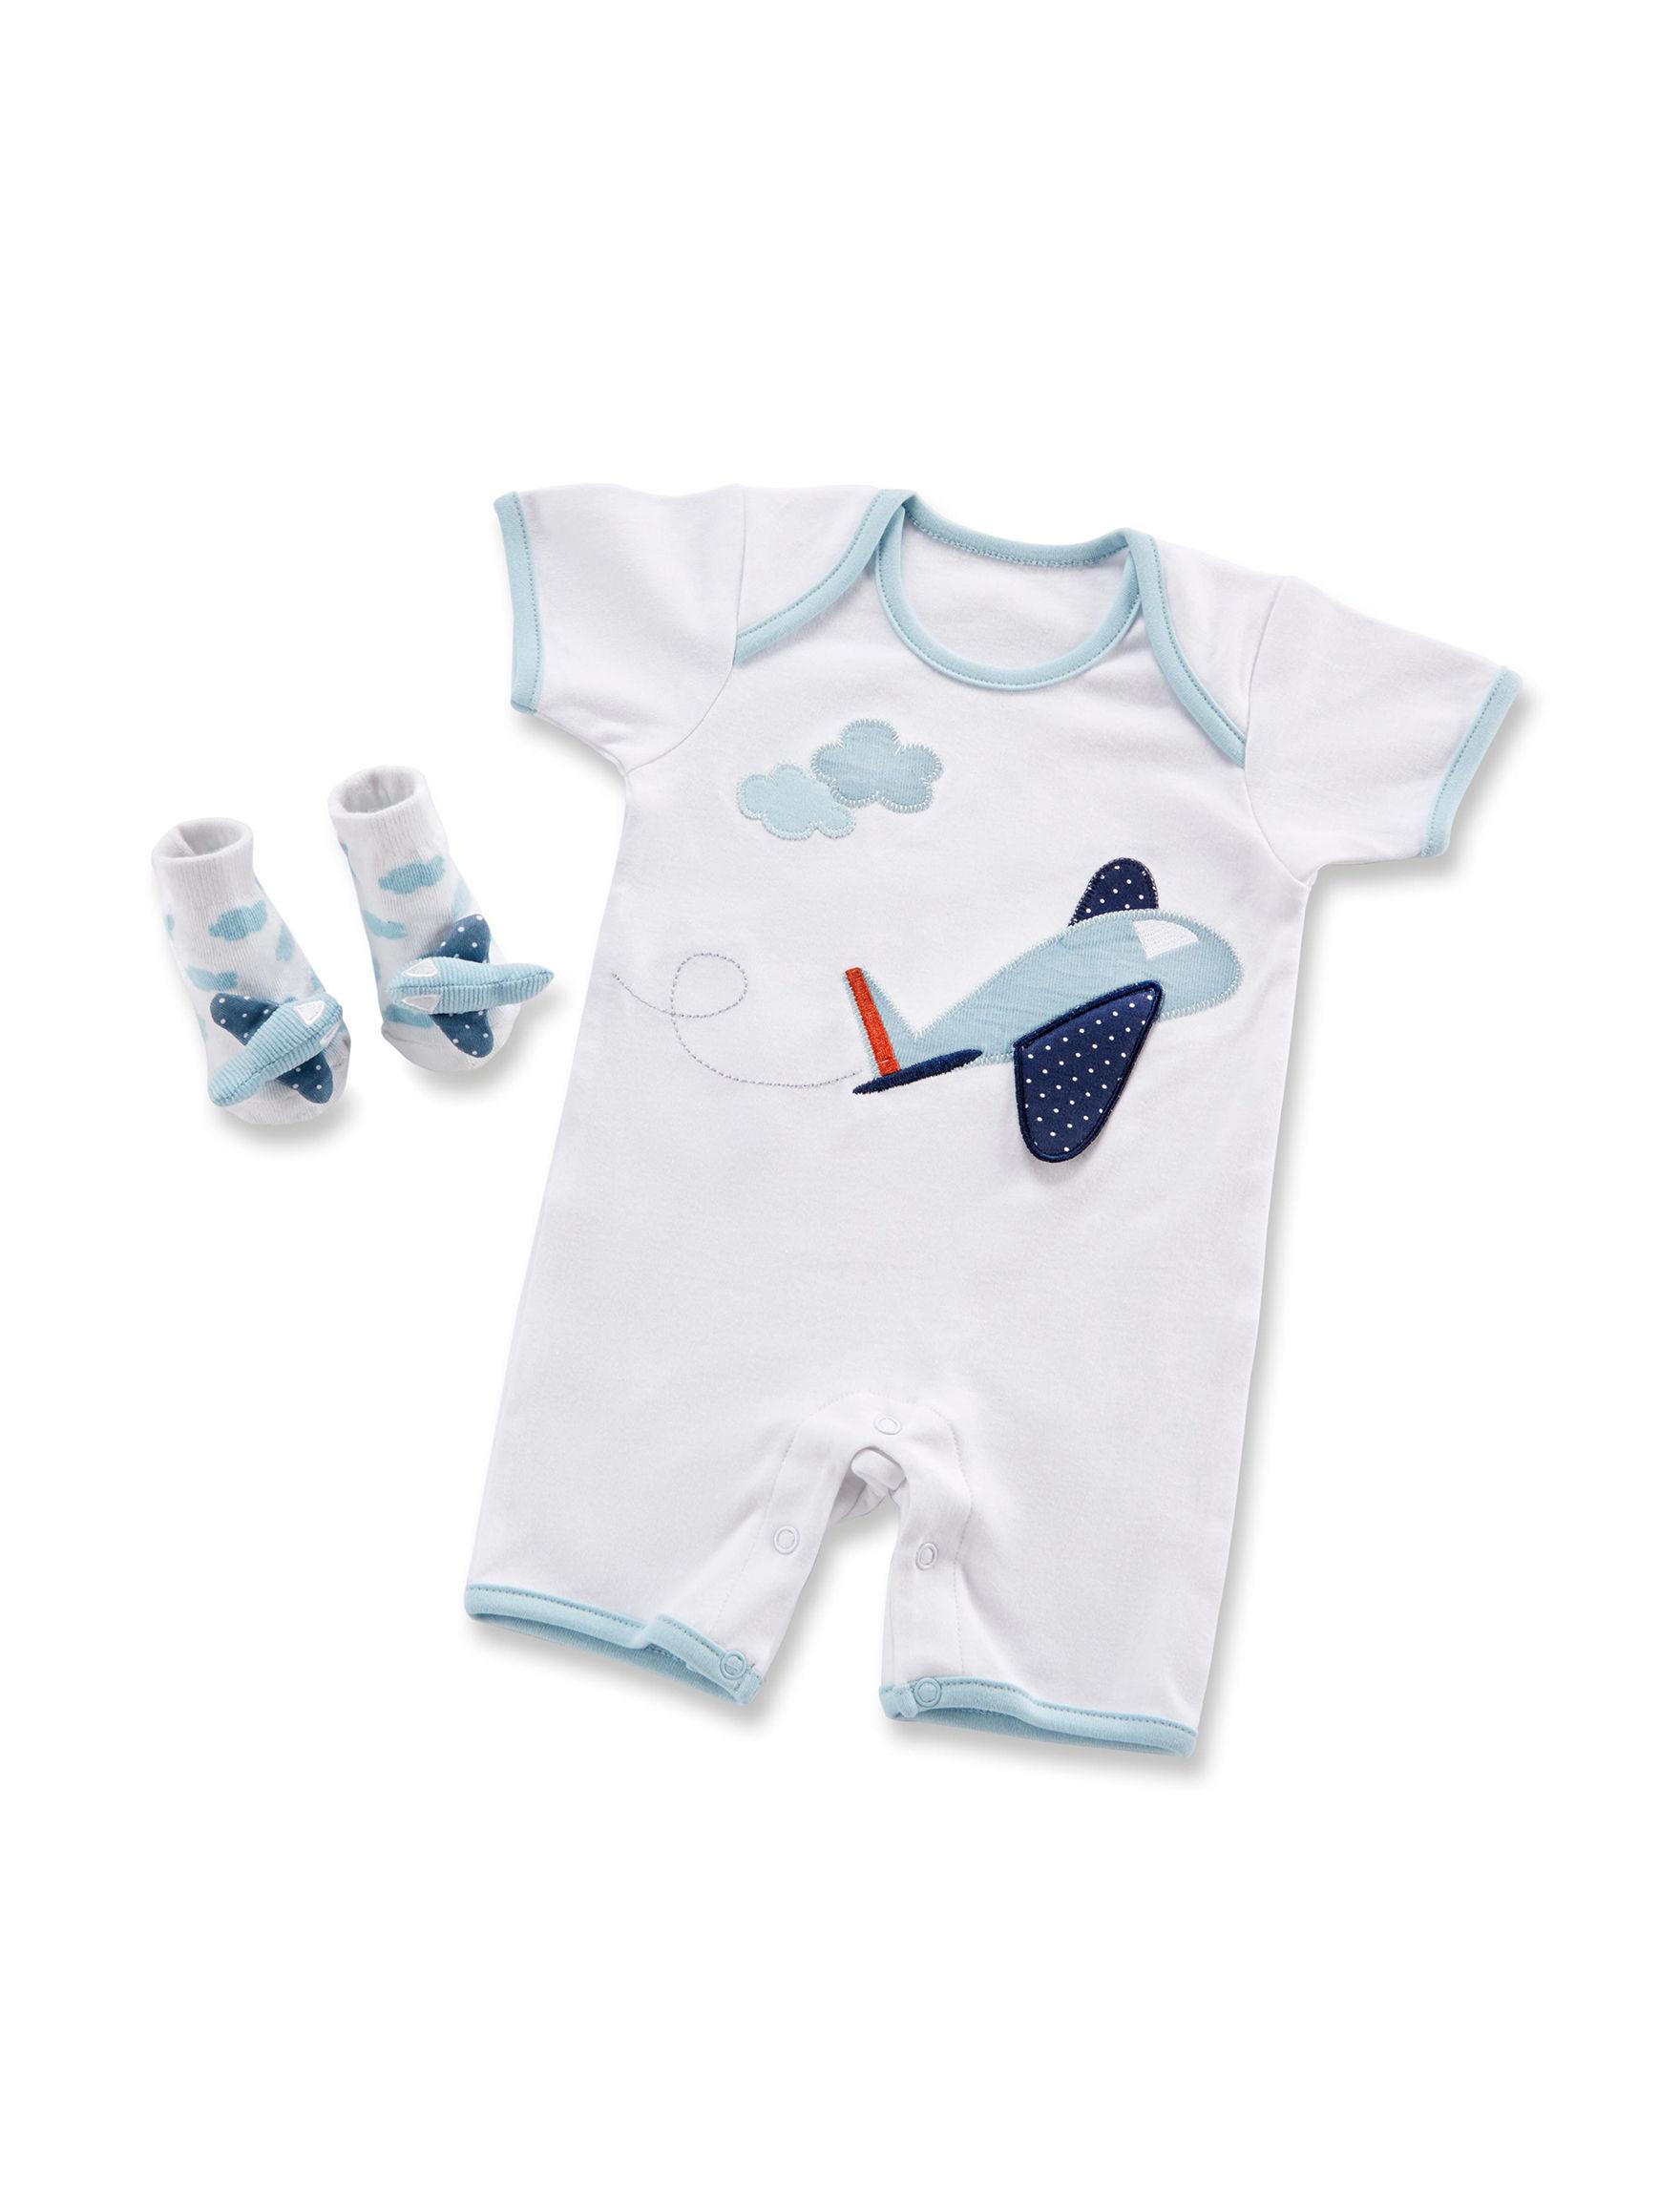 Baby Aspen Blue / White